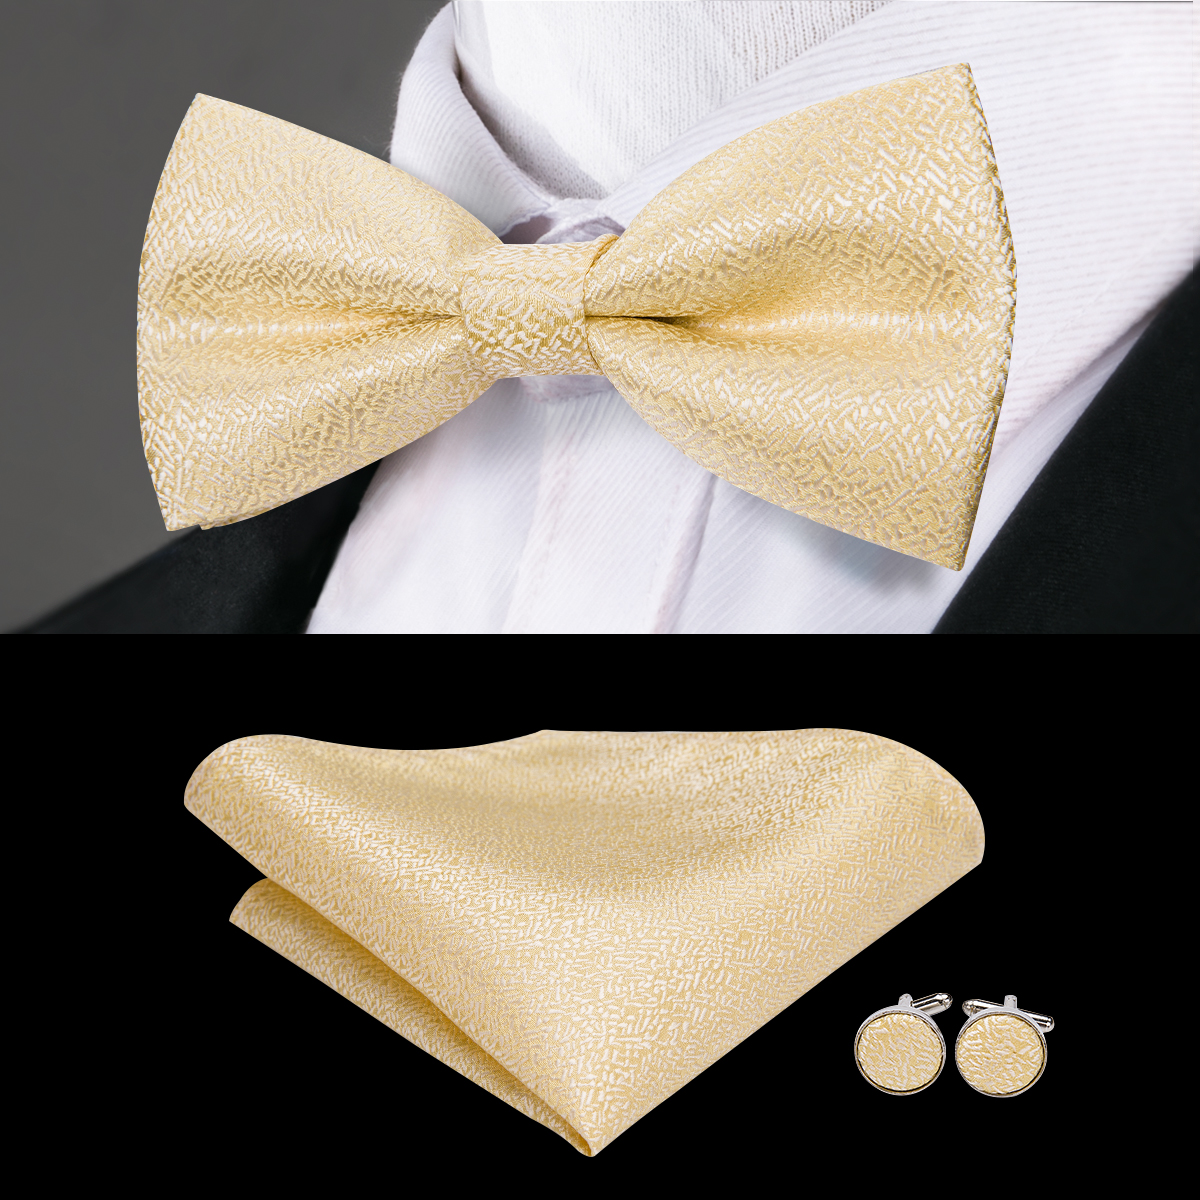 Hi-Tie Brand Designer Gold Fashion Men's Bow Tie High Quality Silk Hand Woven Weddding Bowtie Handky Cufflinks Bowties LH-771